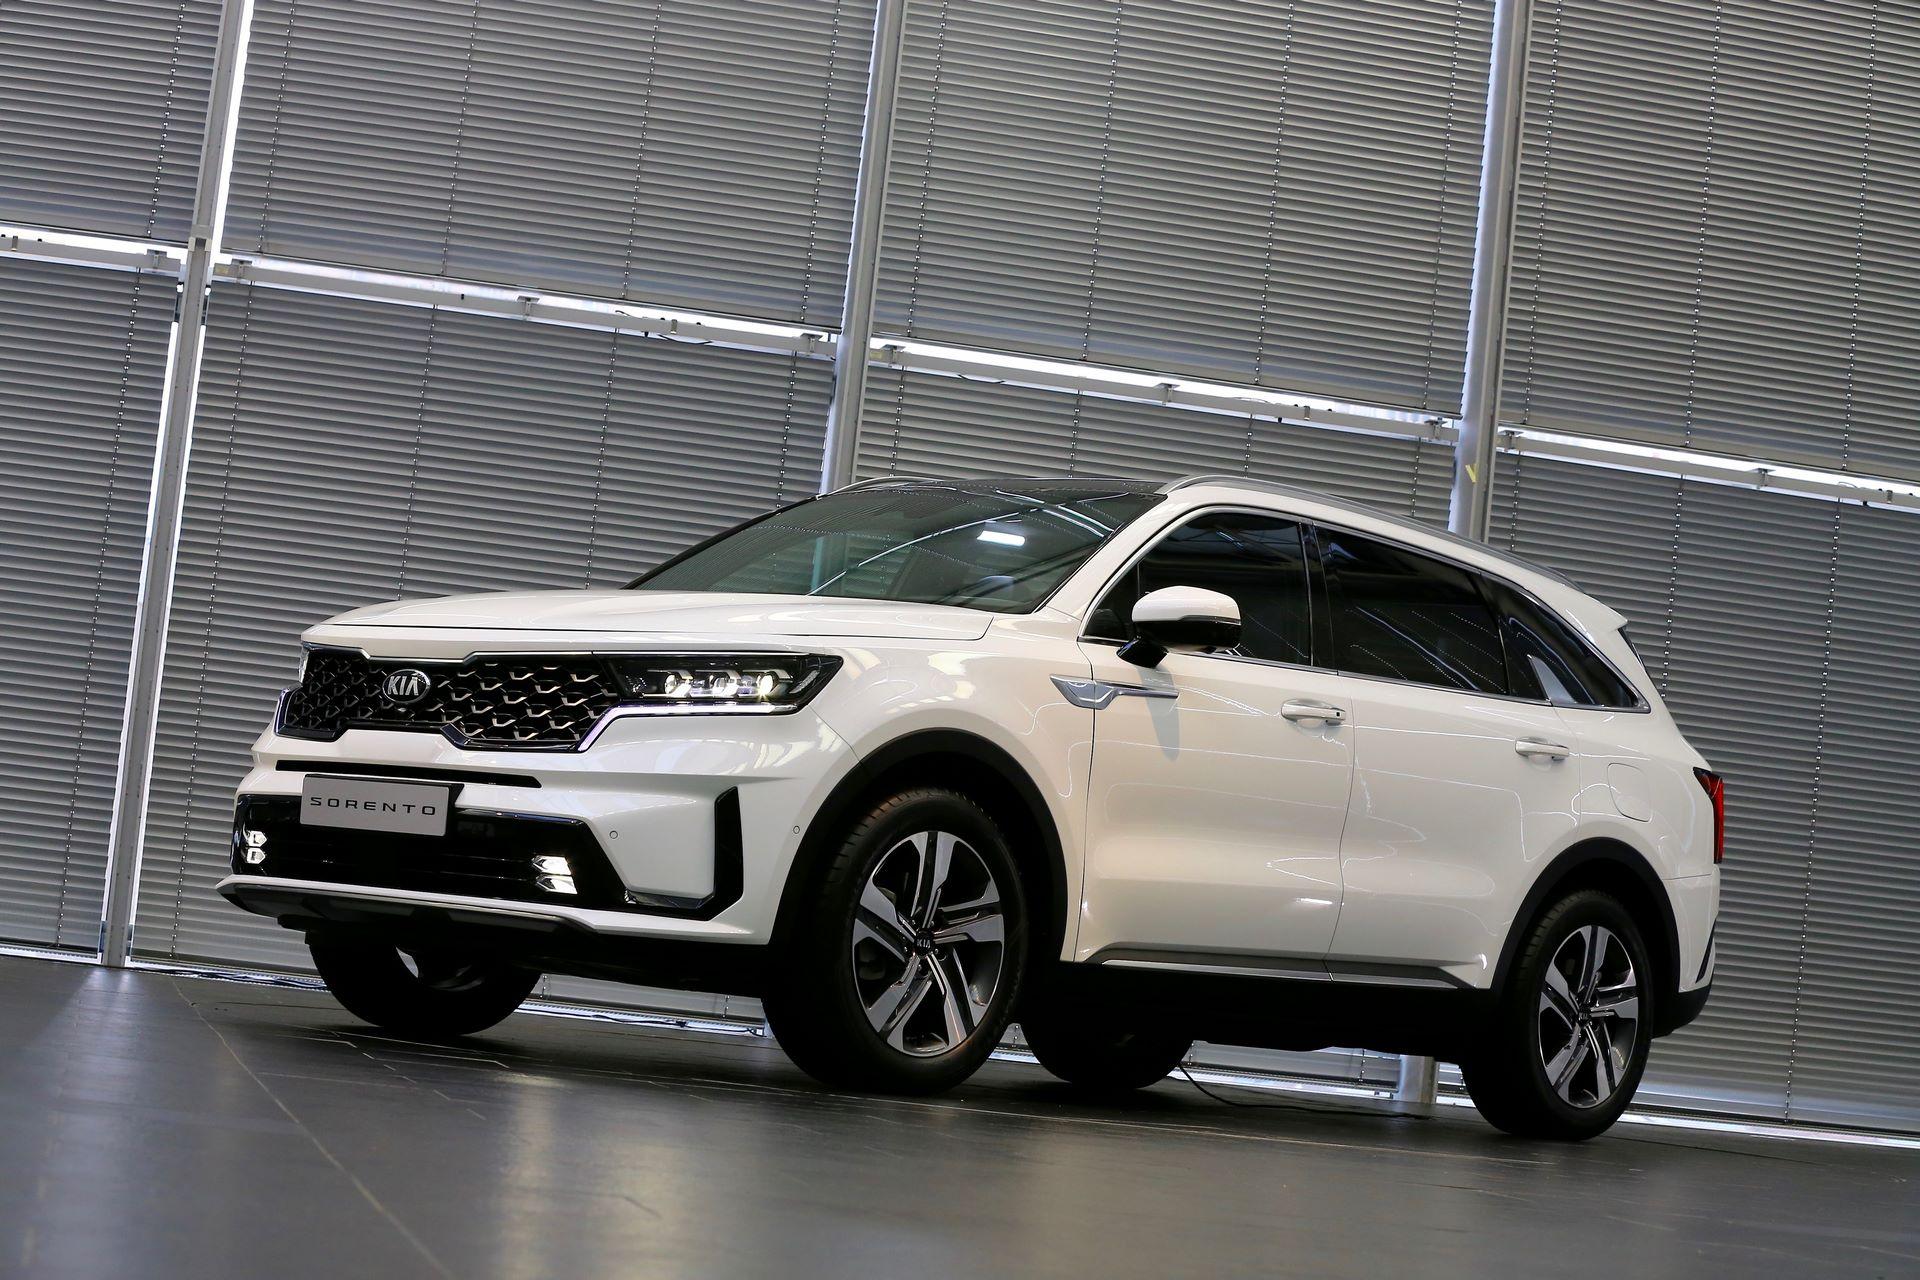 Kia-Sorento-2020-91